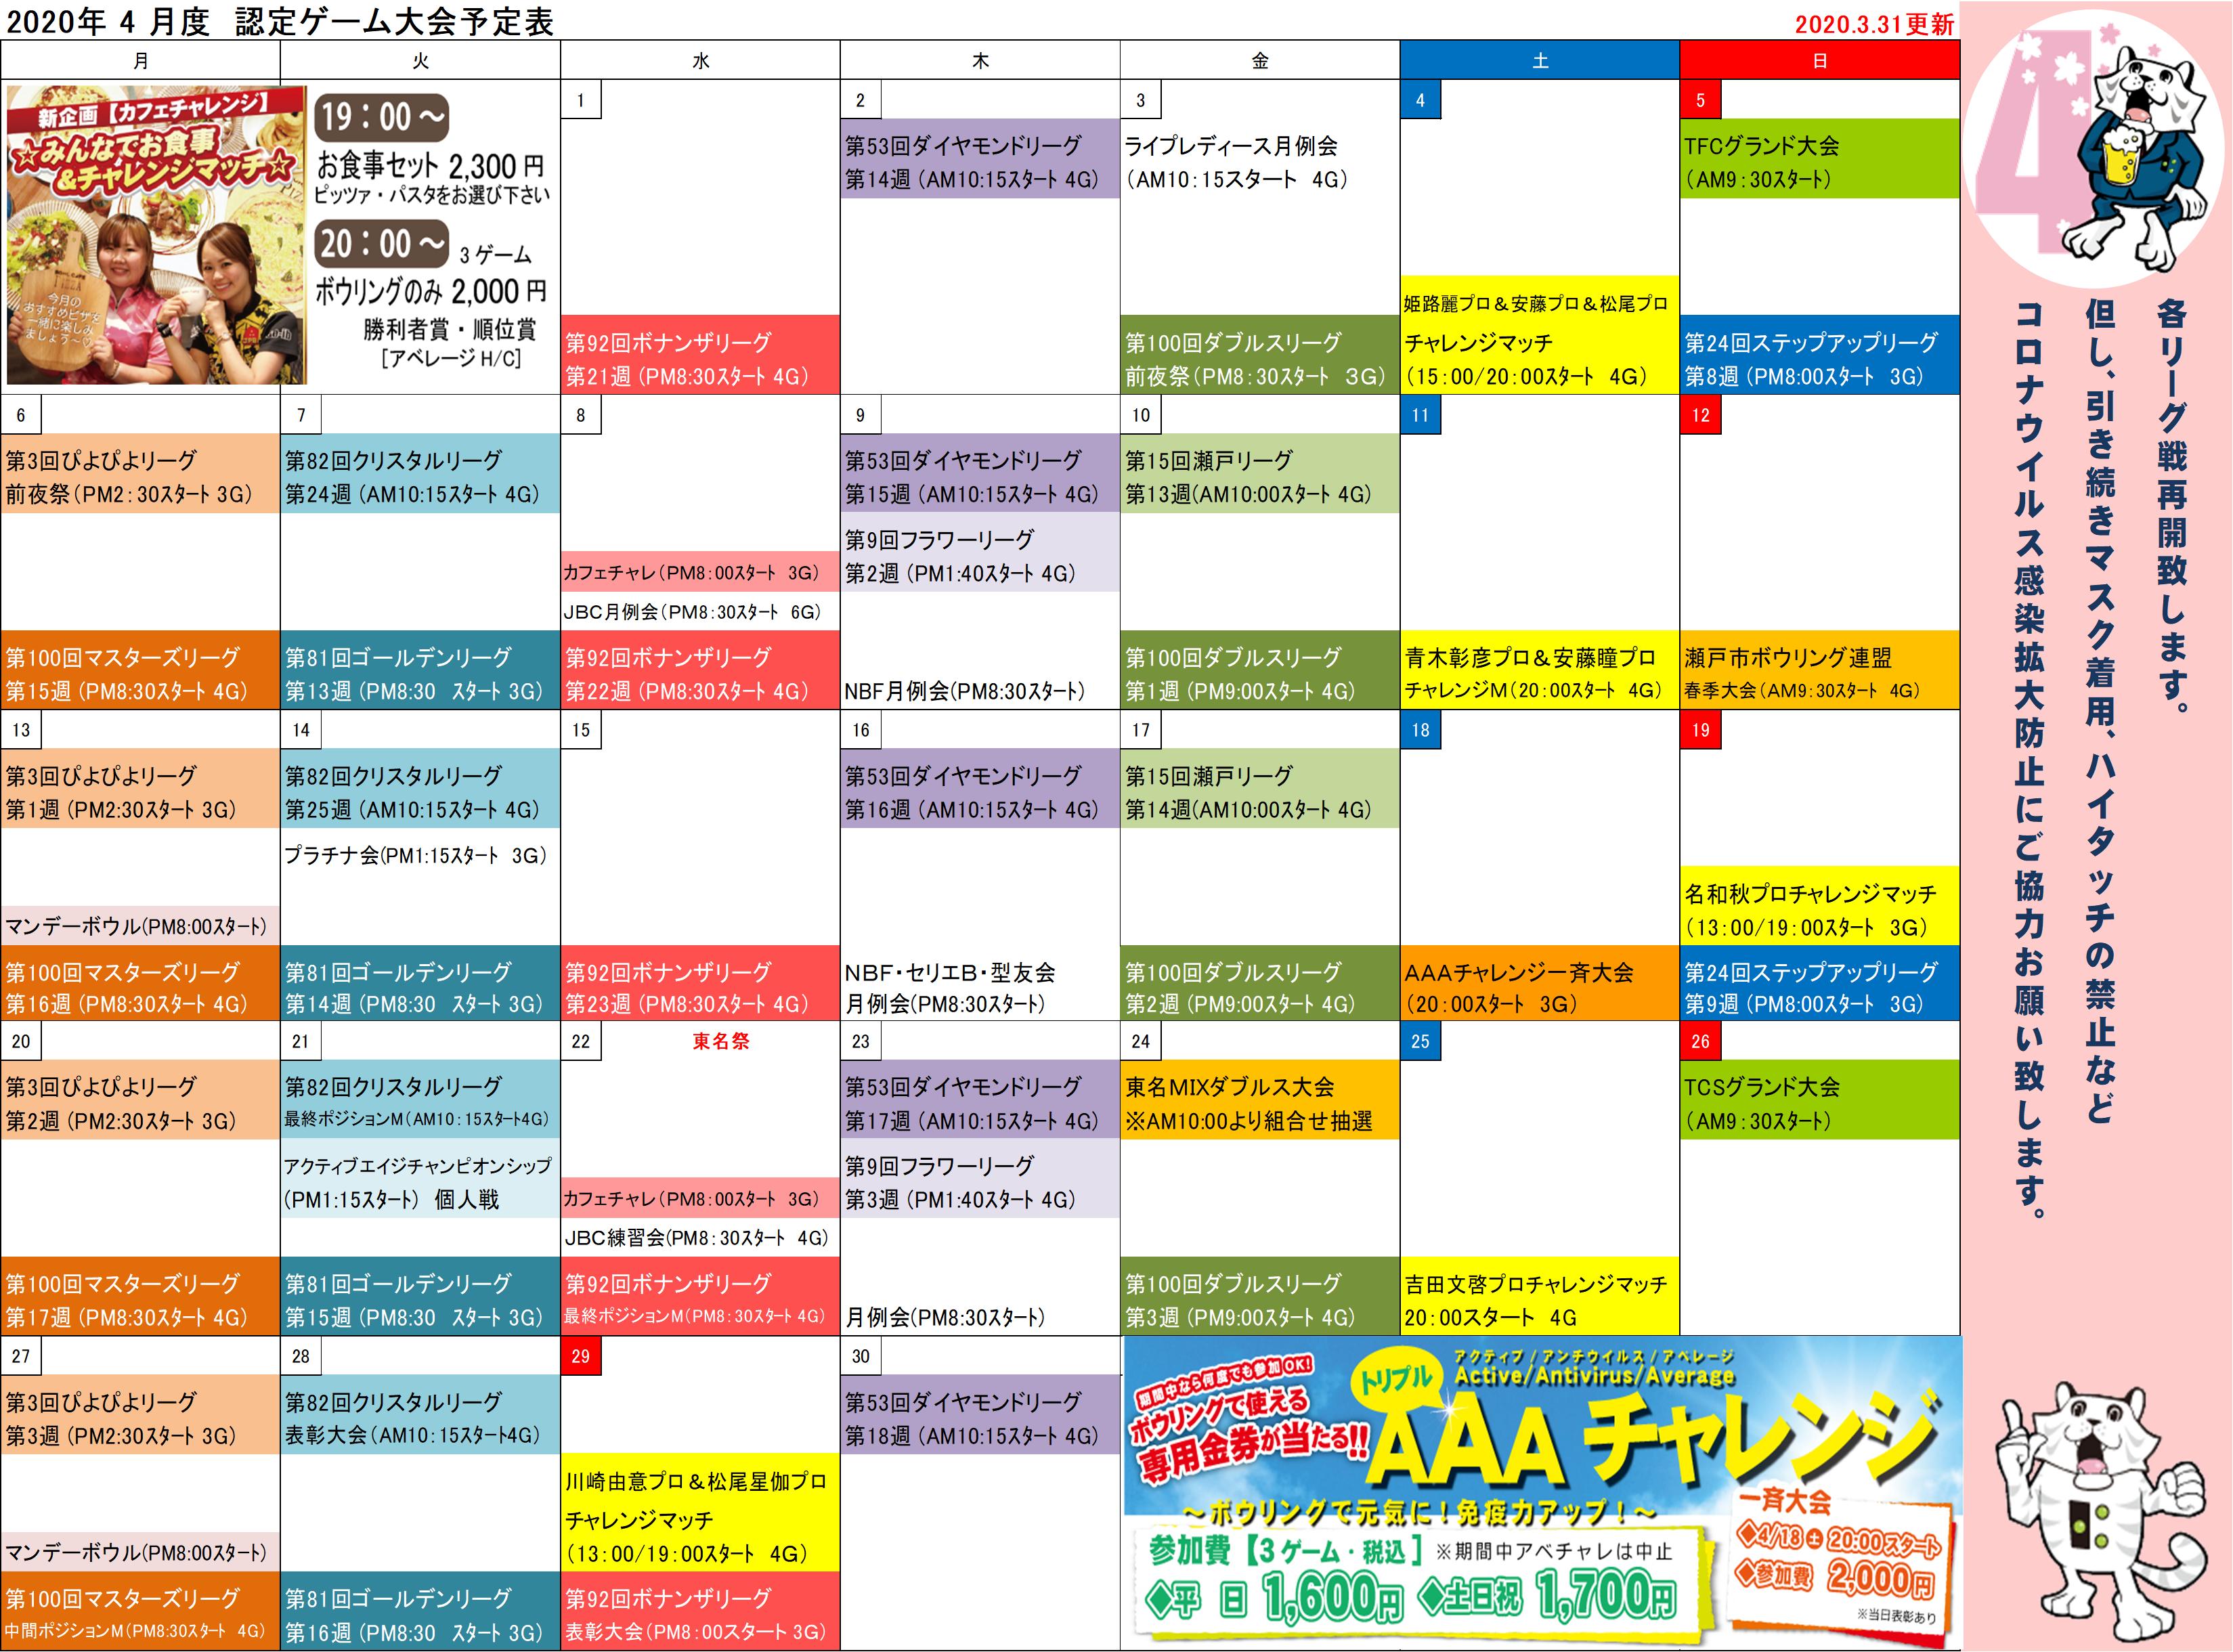 ★会員様向け★4月認定ゲーム大会予定表